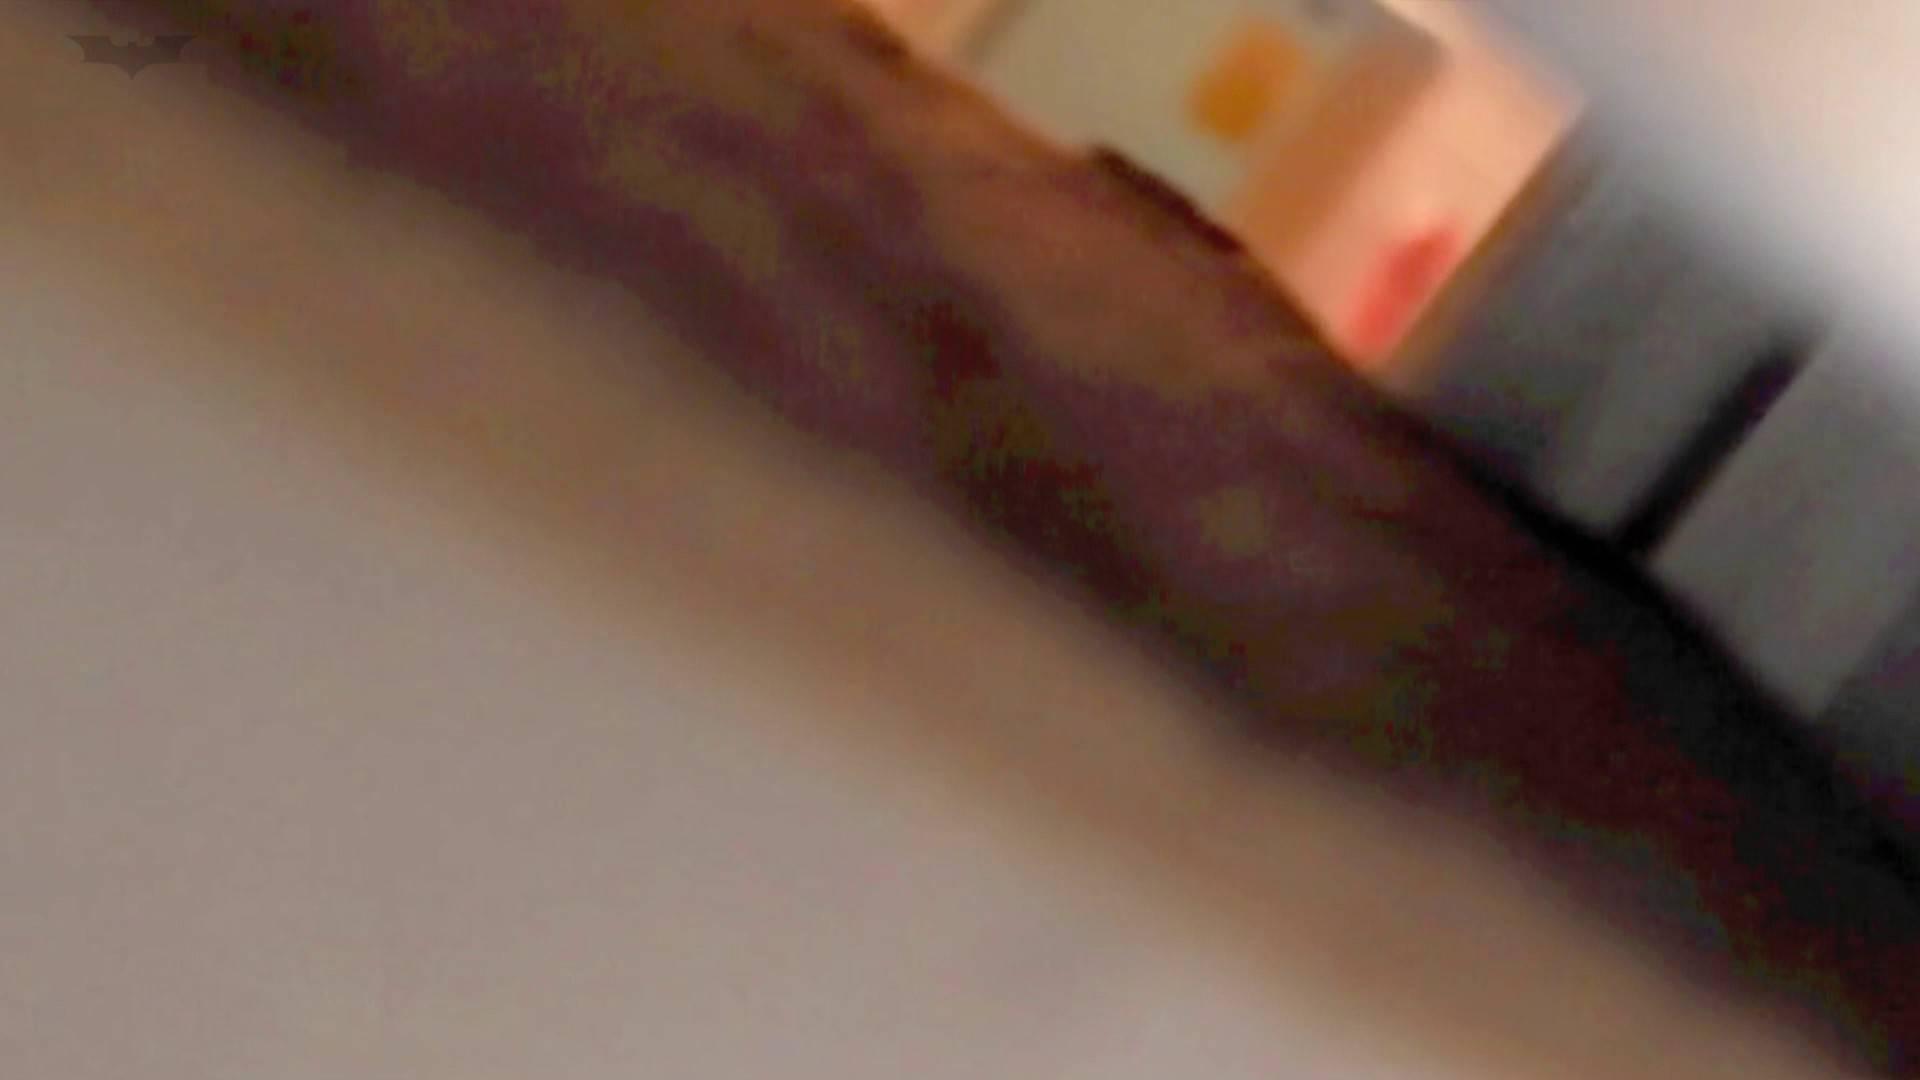 ▲復活限定D▲第三体育館潜入撮File018 夏帆に激似現役の未開発の下を 丸見え オメコ無修正動画無料 96枚 37